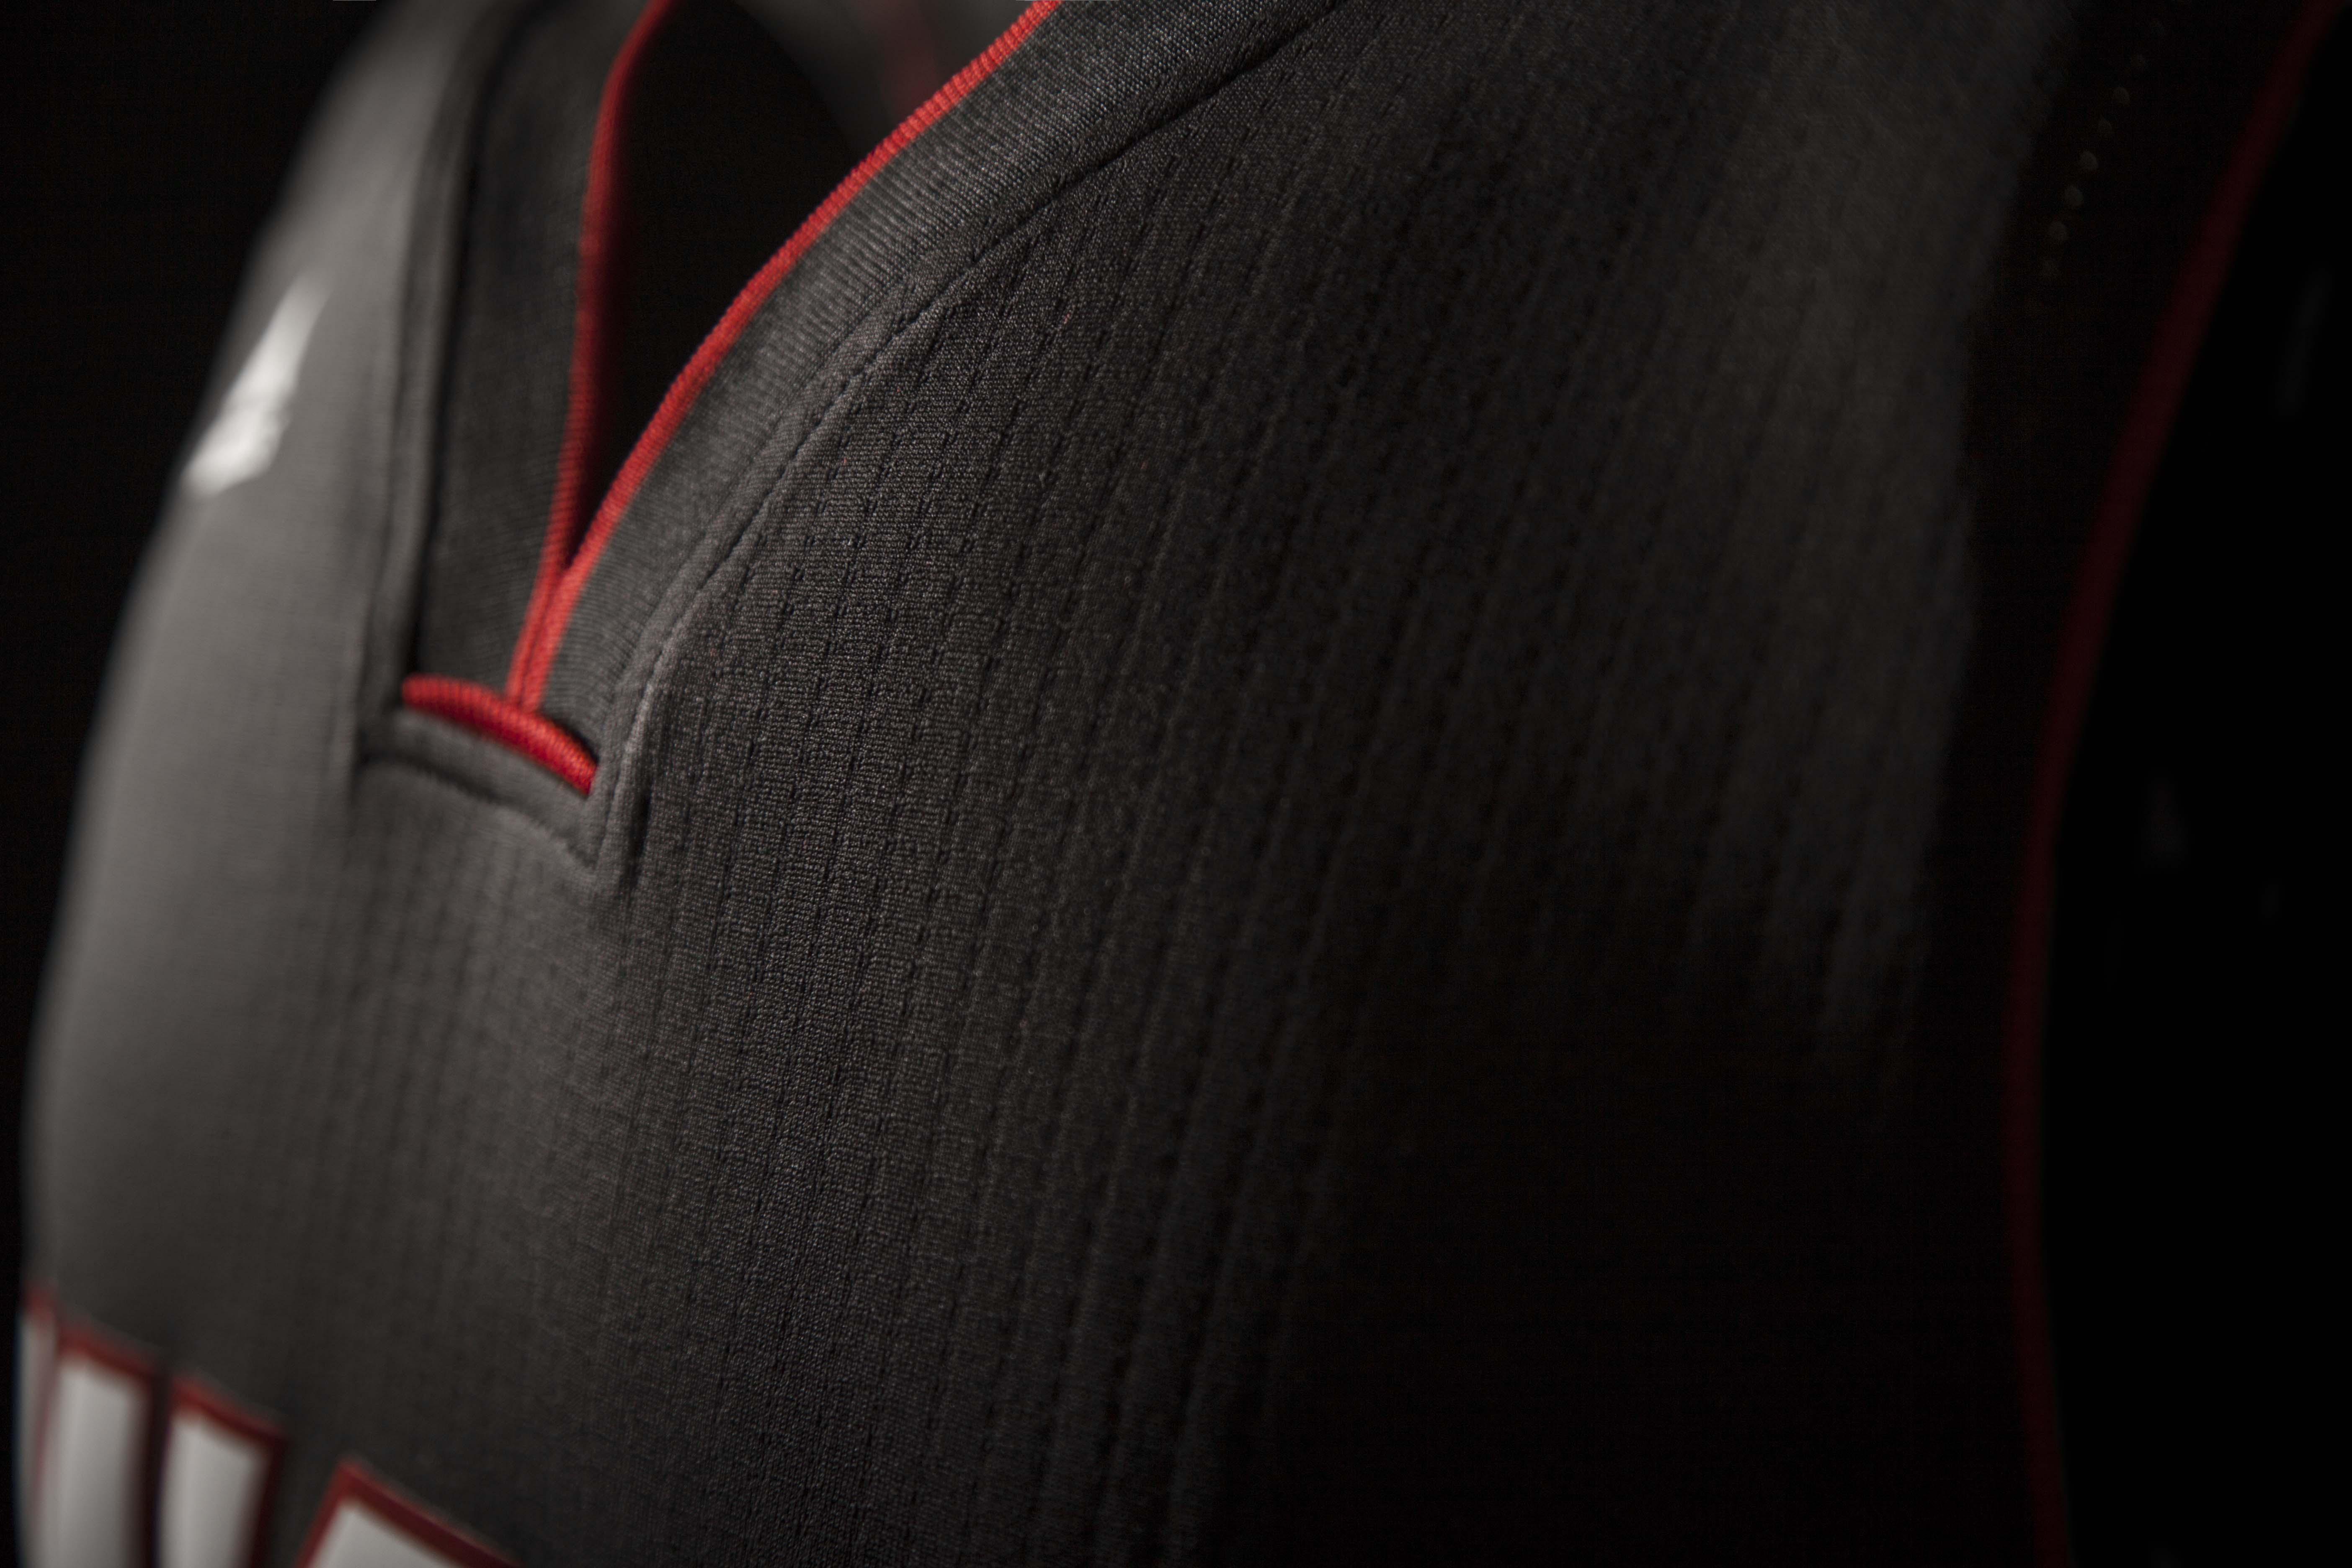 FW14_NBA_Jerseys_Heat_Detail2